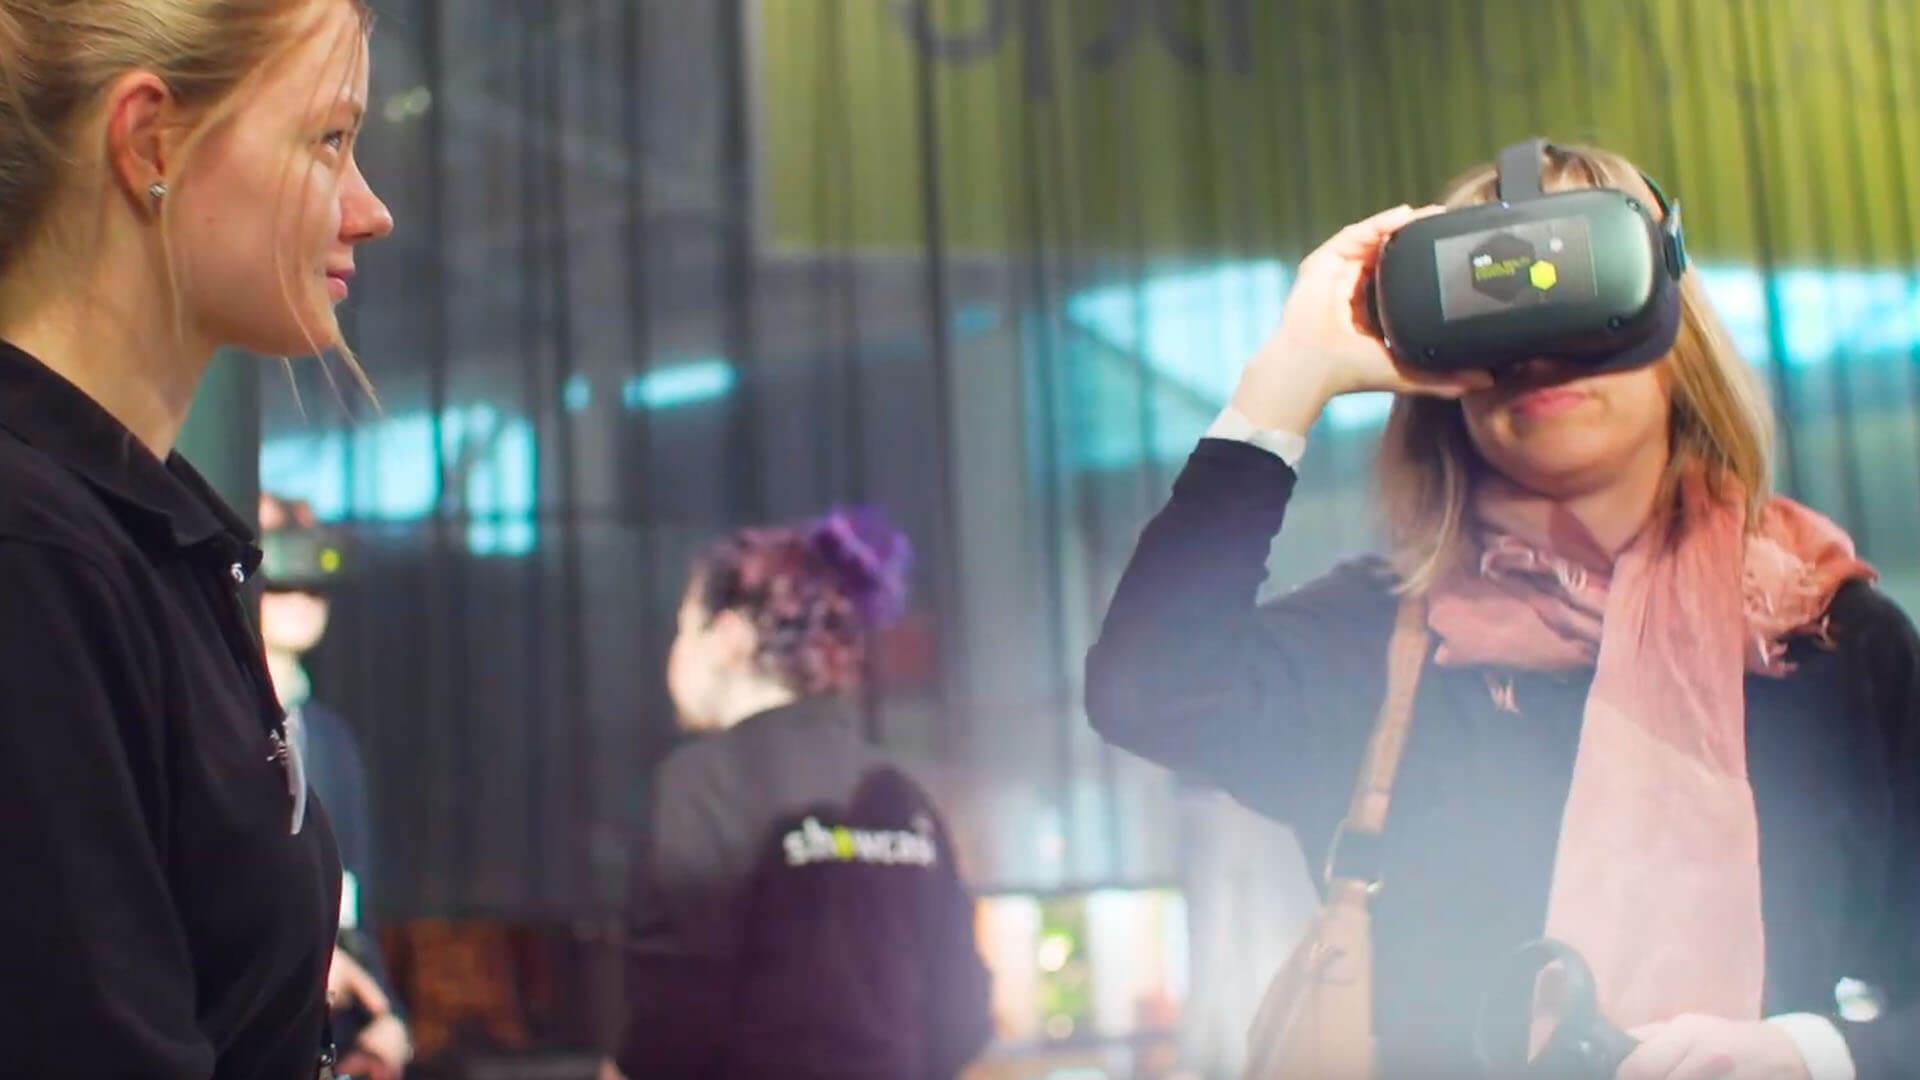 2020 bekamen die Augenoptiker auf dem opti SHOWCASE intensive Beratung zu ihrer Positionierung am Markt. Mit der Hilfe von Virtual Reality konnten sie herausfinden, welcher Optiker-Typ am ehesten zu ihnen passt: Traditionalist, Fashionist oder der Medical Chief.